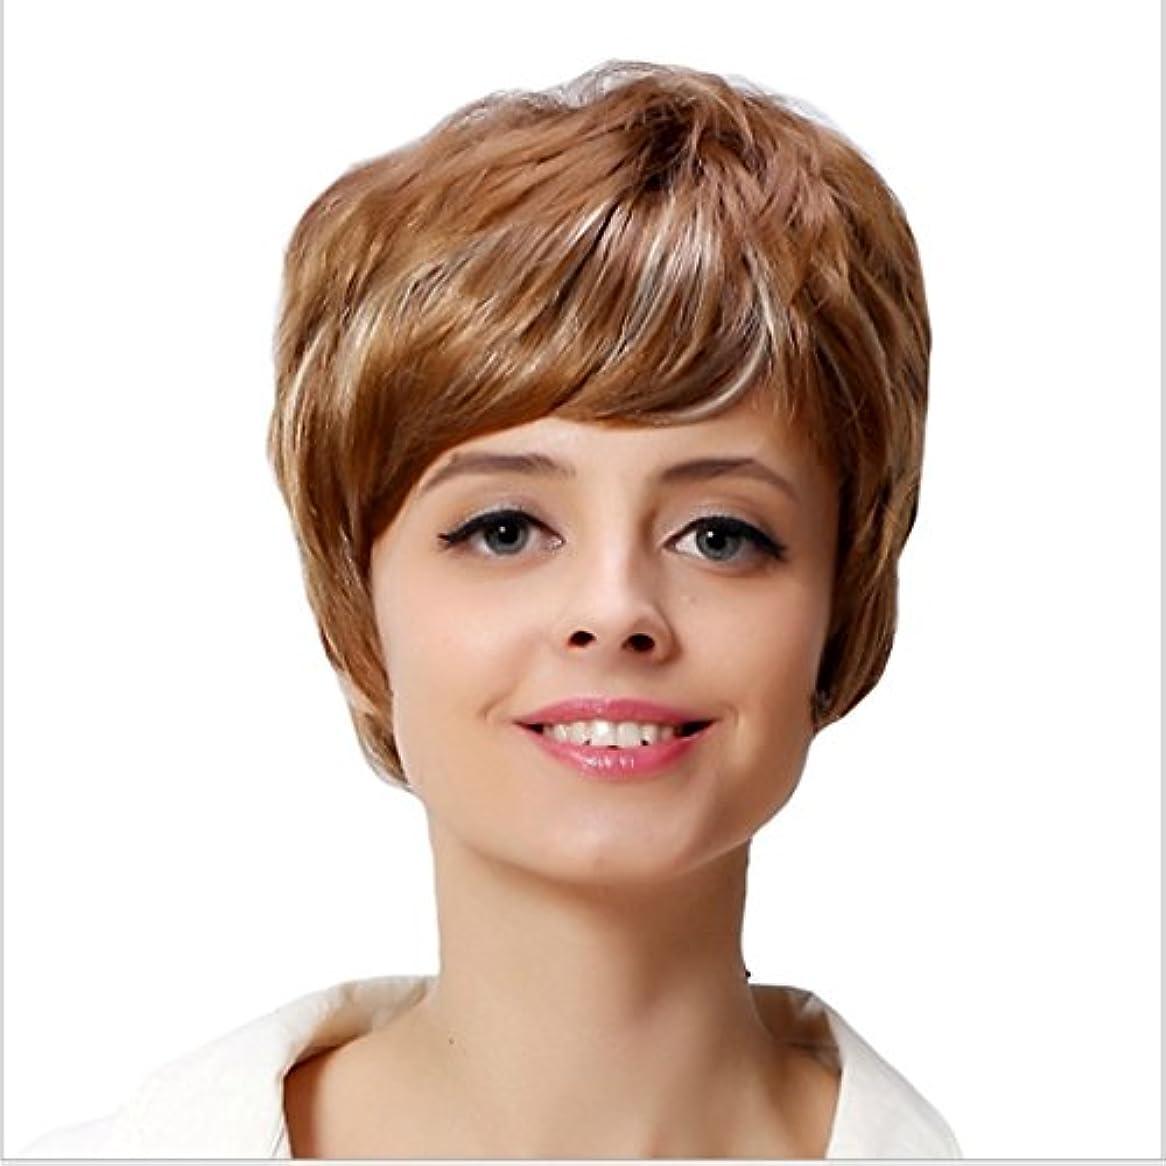 ケント時間繁雑YOUQIU ホワイト女性のためのフラット前髪毛180グラムかつらを持つ女性カーリー耐熱ウィッグのために10インチ/ 12インチショートウェーブゴールドウィッグ (サイズ : 10inch)